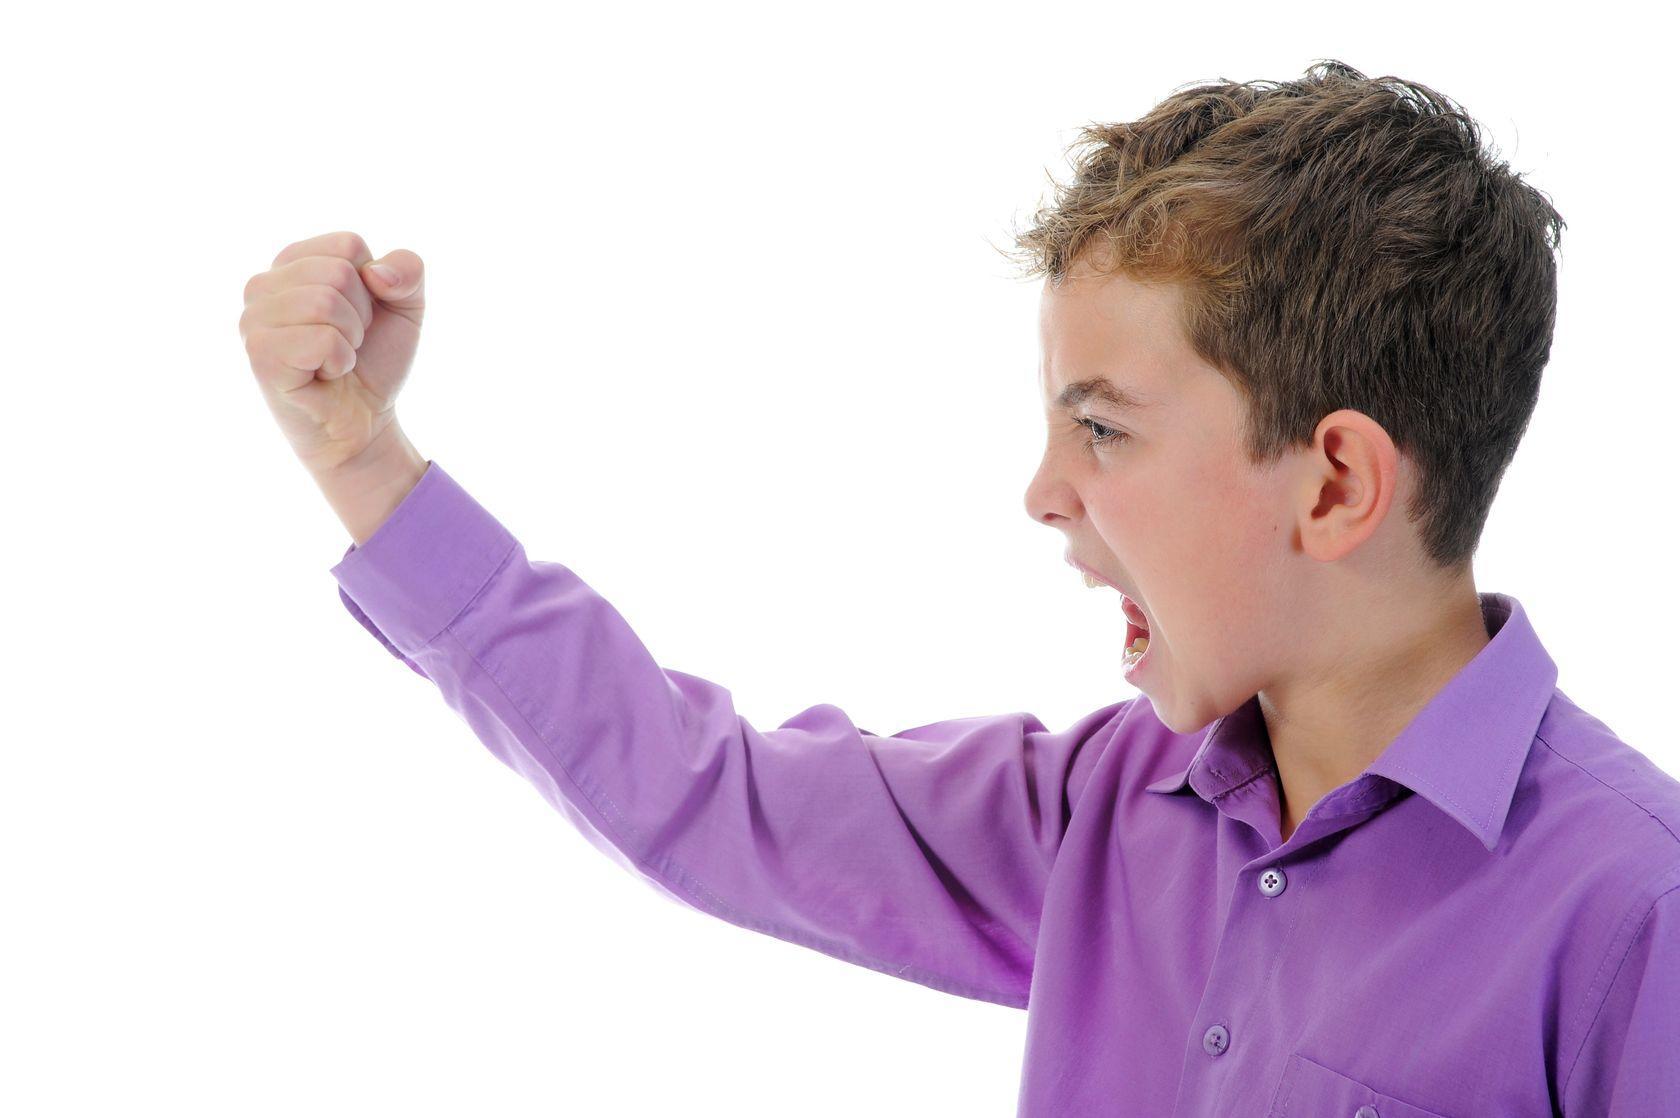 агресивно гневно дете